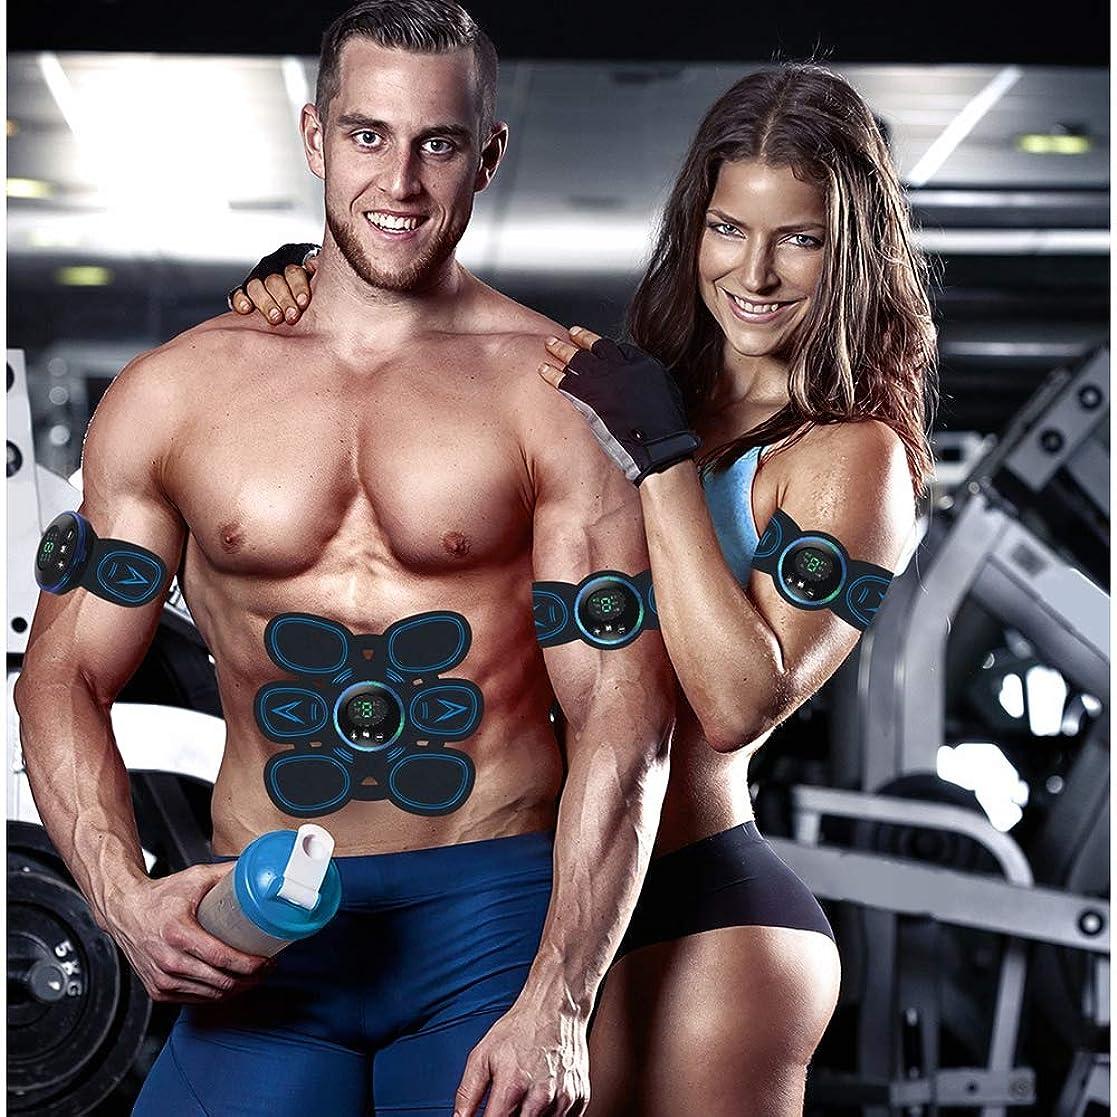 つぼみ収入構造的新しいスマート腹部デバイスEMS筋肉刺激装置USB充電式減量細い腰筋肉トレーニングウエスト整形ボディマッサージフィットネス機器